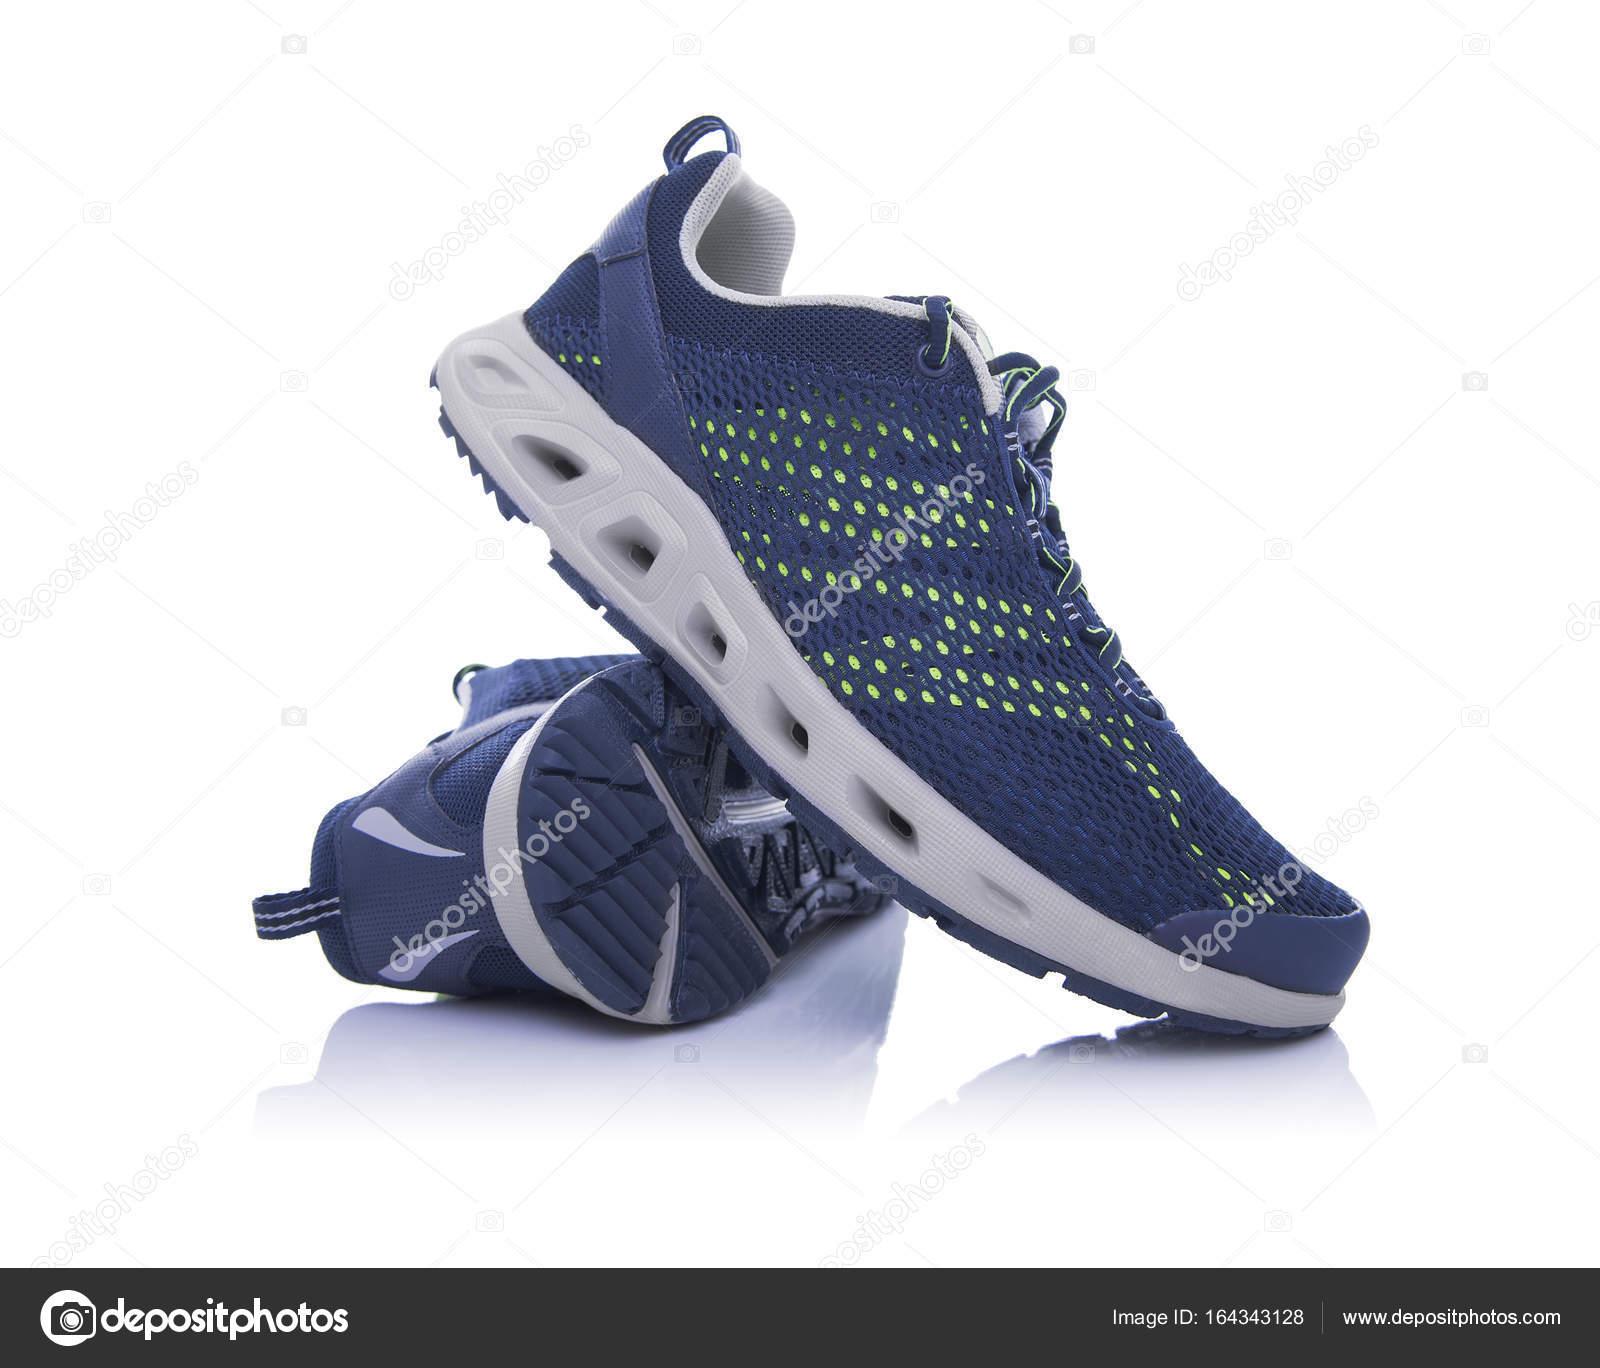 de739934847dd Zapatillas de deporte sin marca aislados sobre fondo blanco — Foto de Stock